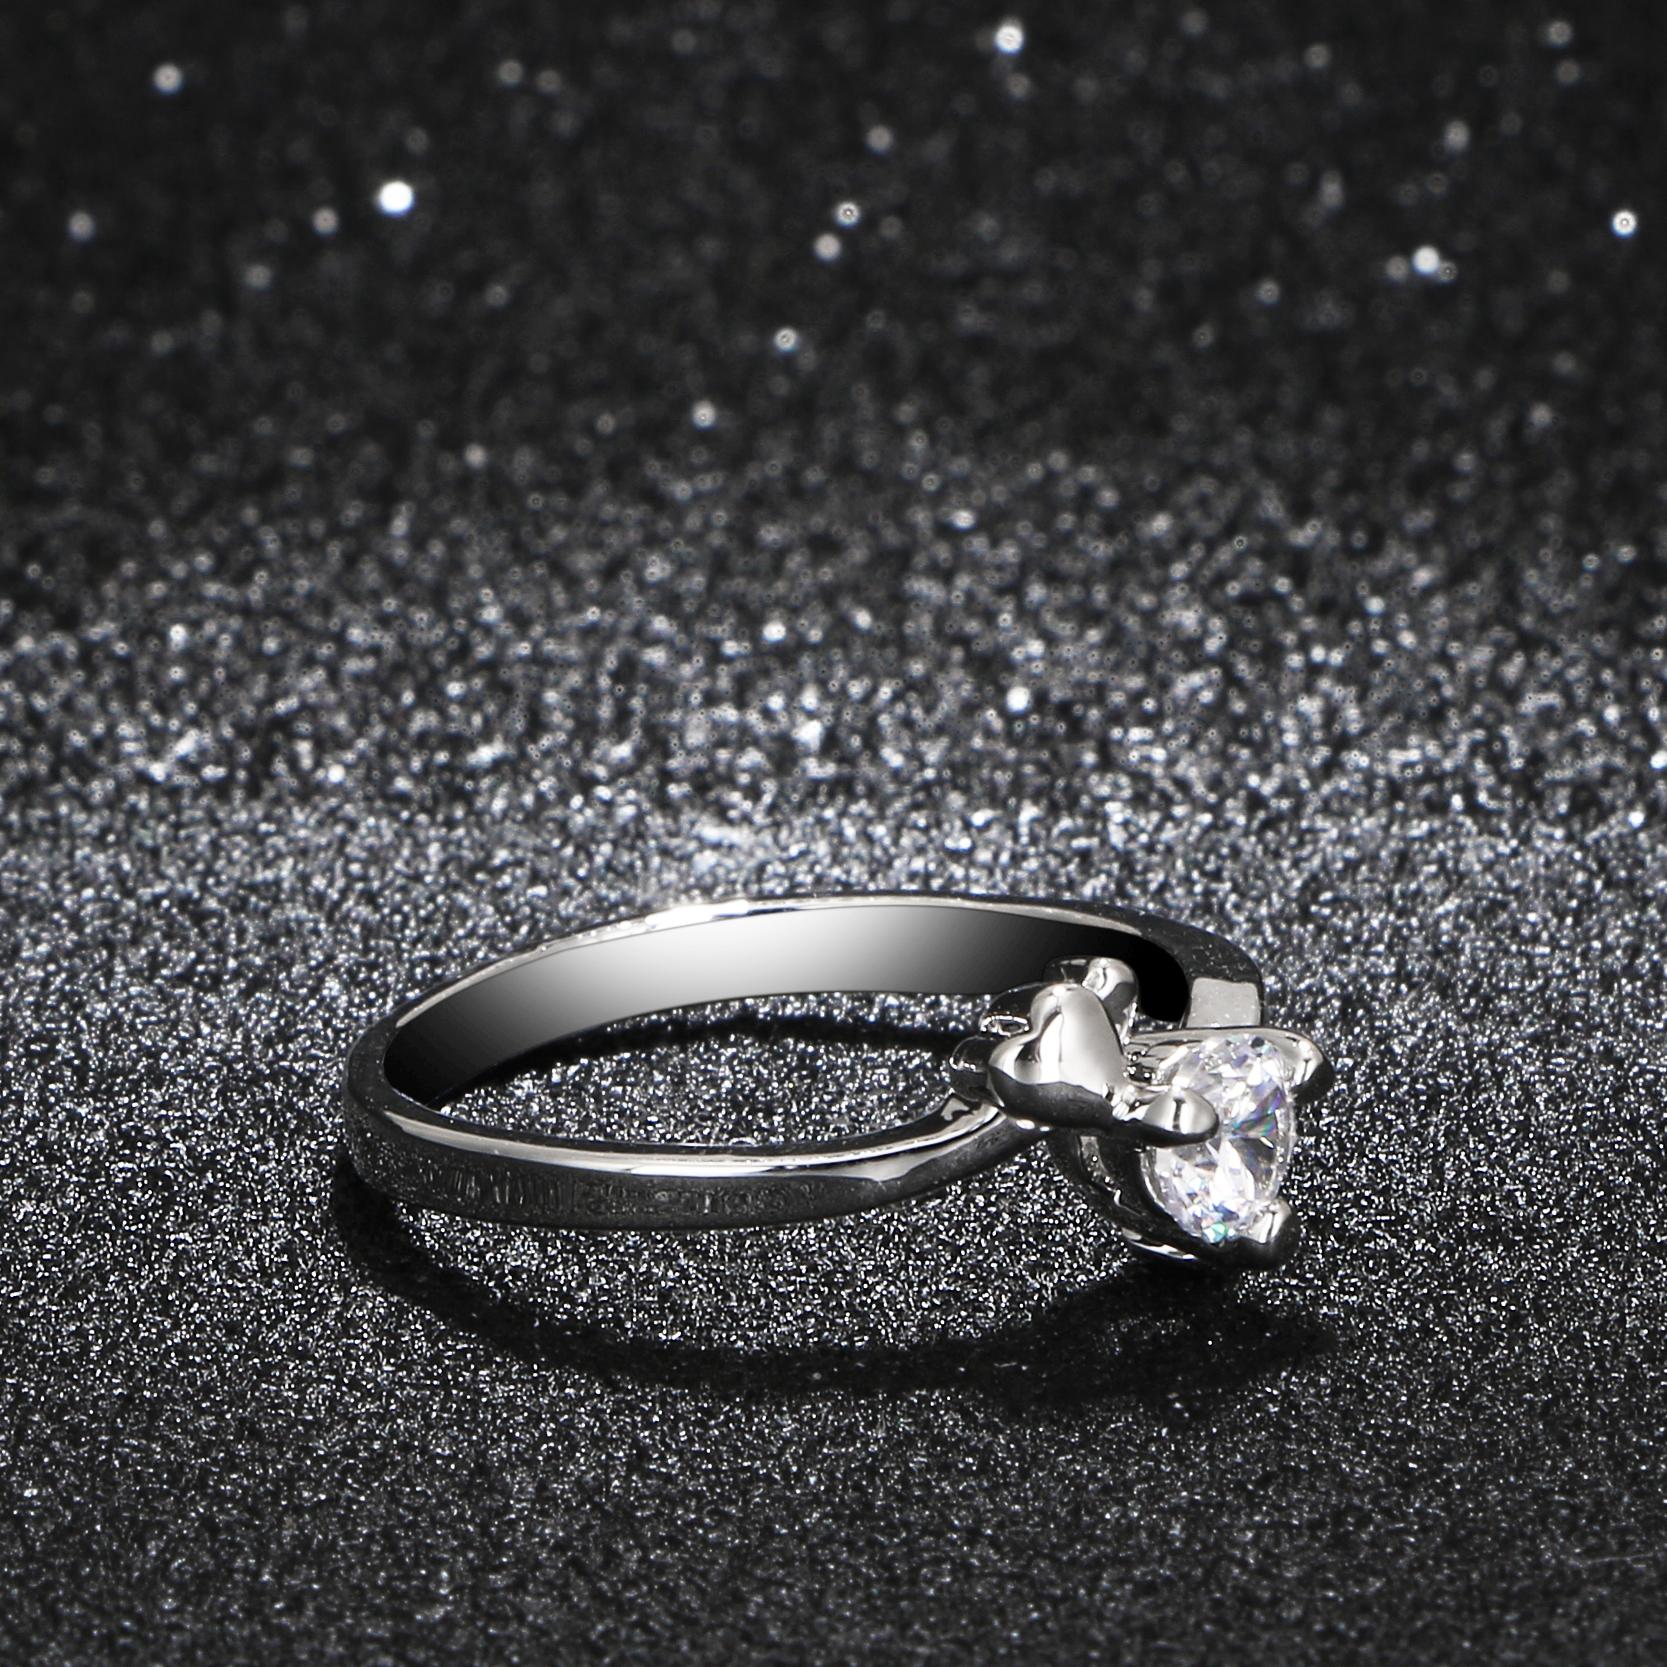 womens luxury wedding band promise ring fashion